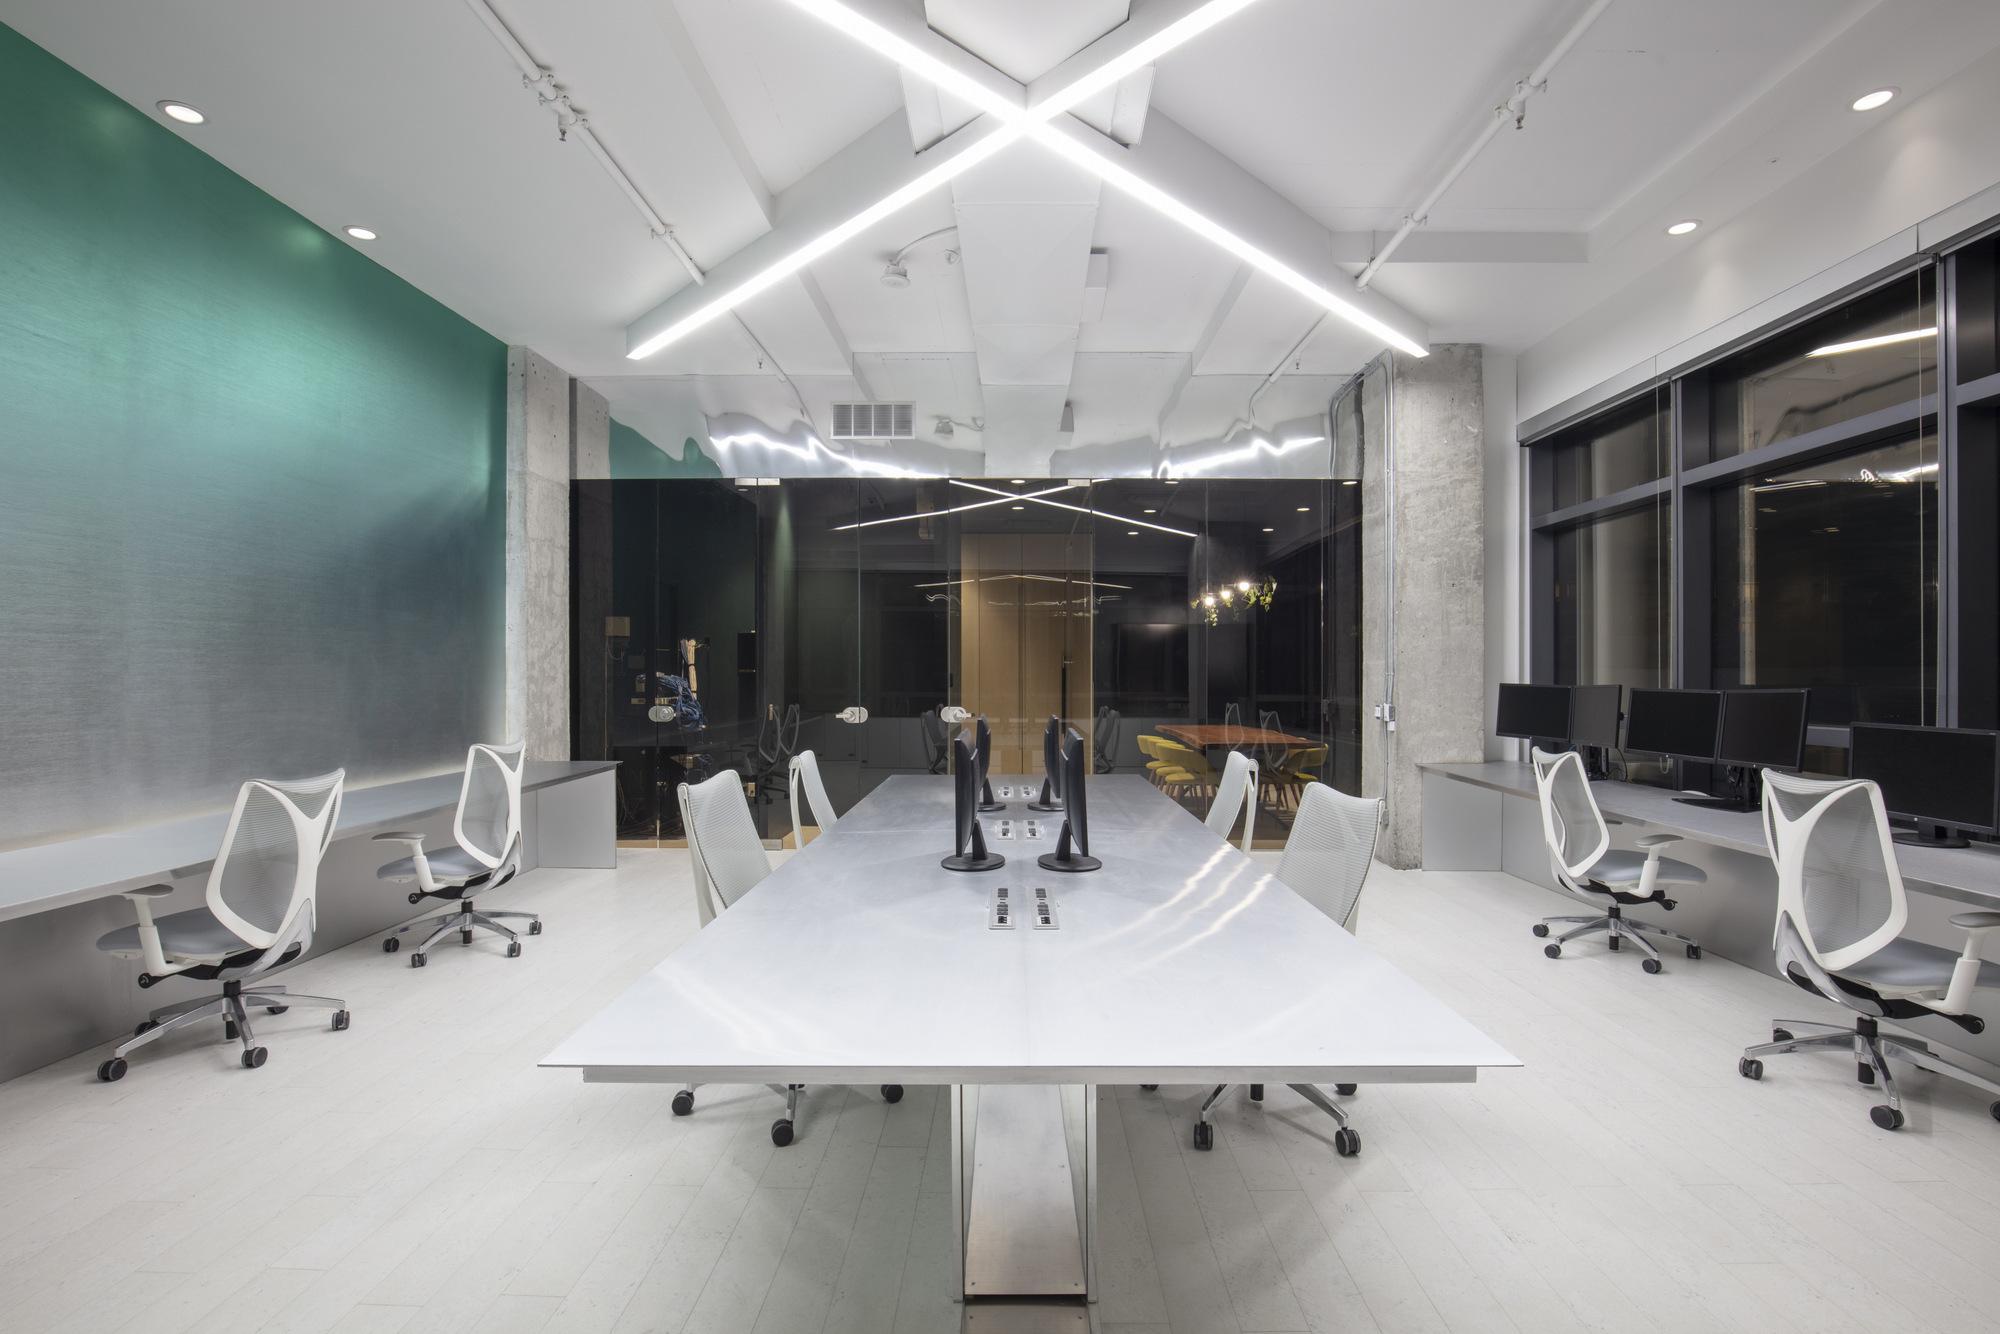 简约办公室装修 - 2.jpg